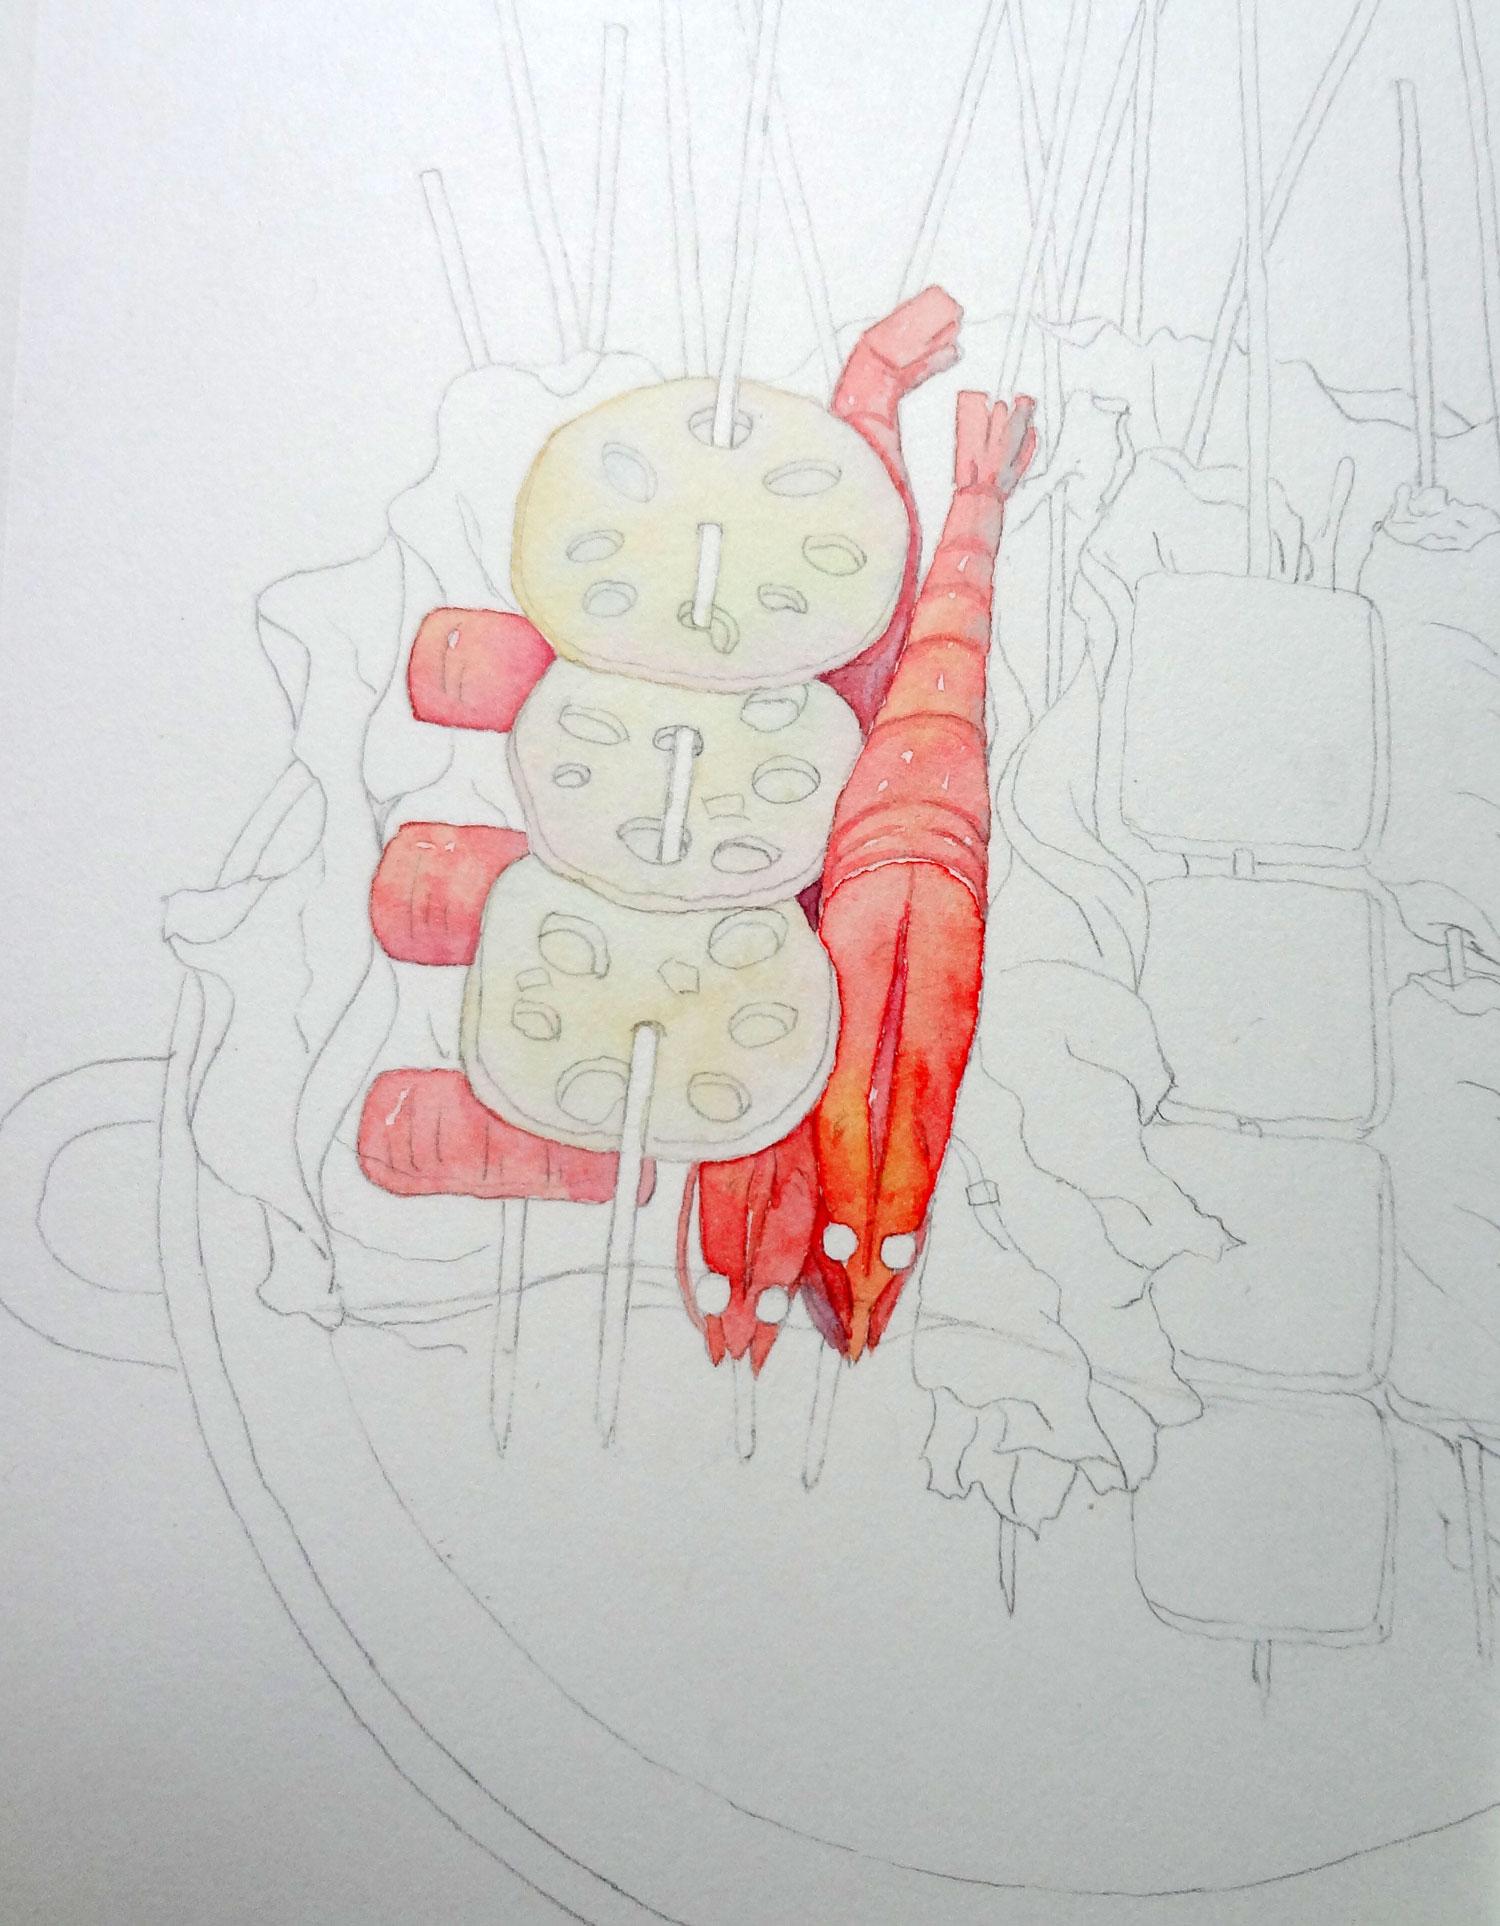 水彩手绘插画,美食串串